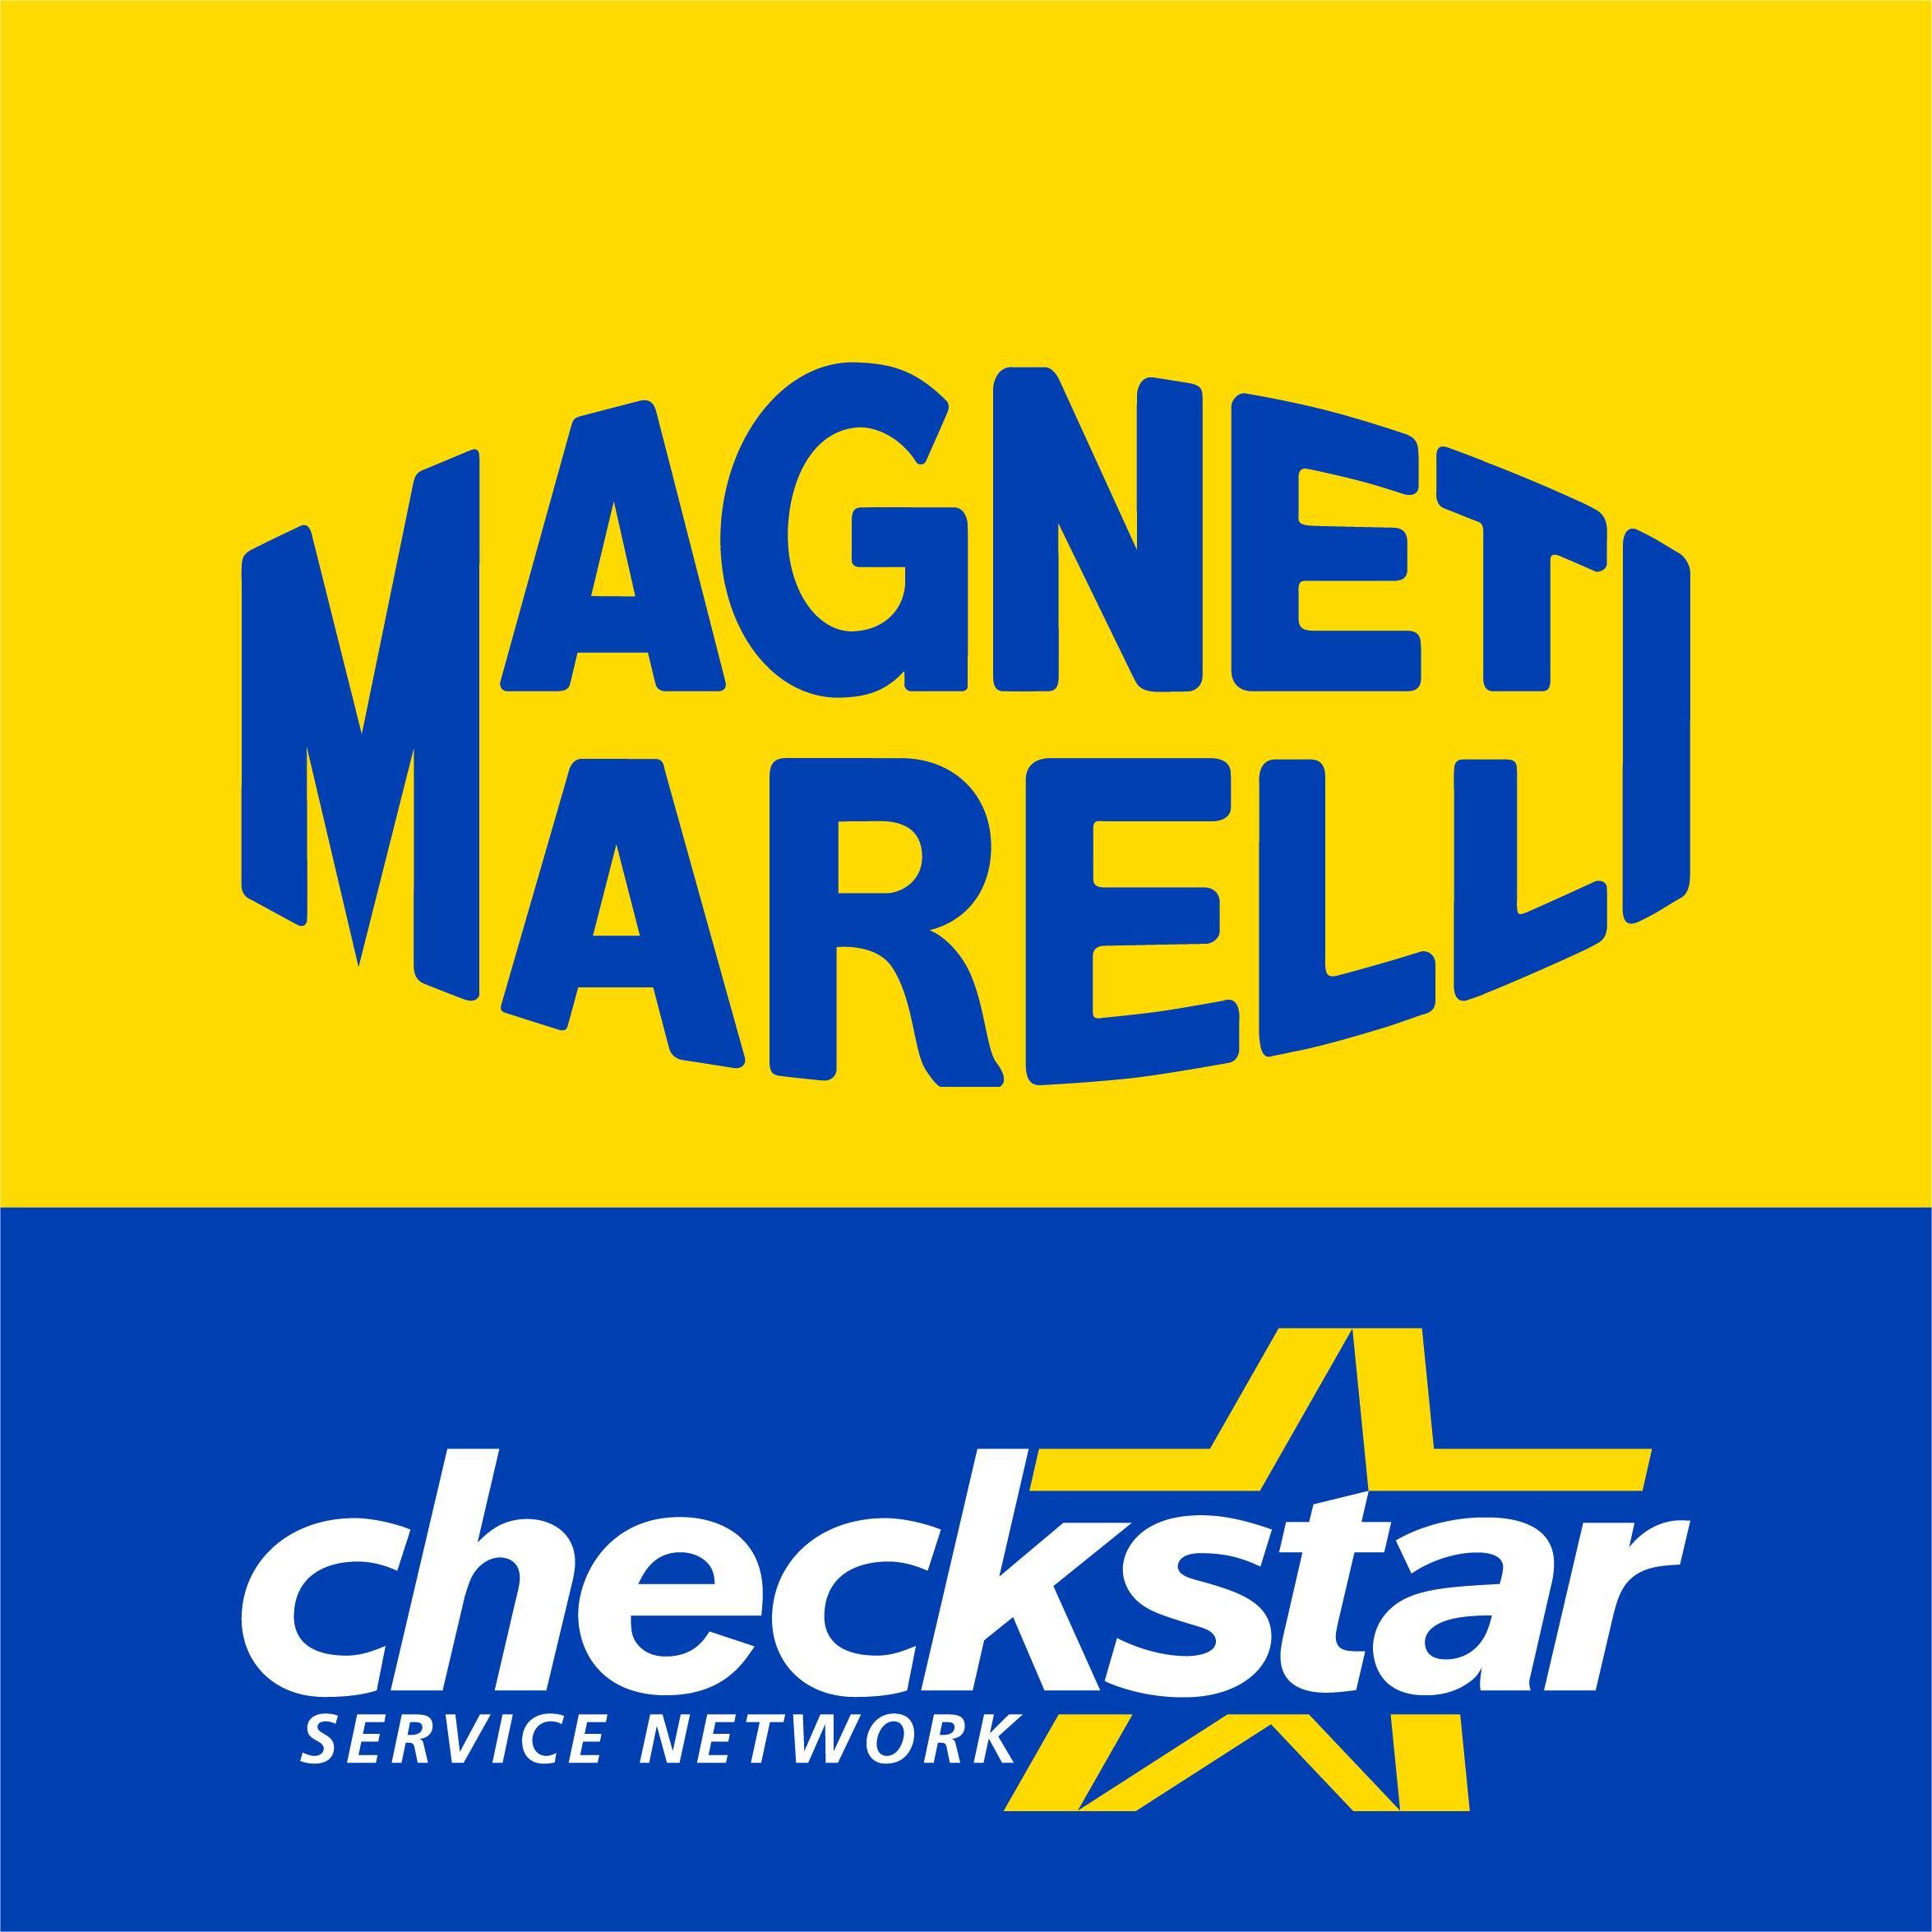 Magneti Marelli - Checkstar værksted Hillerød (Bilhuset-engmark A/S) logo